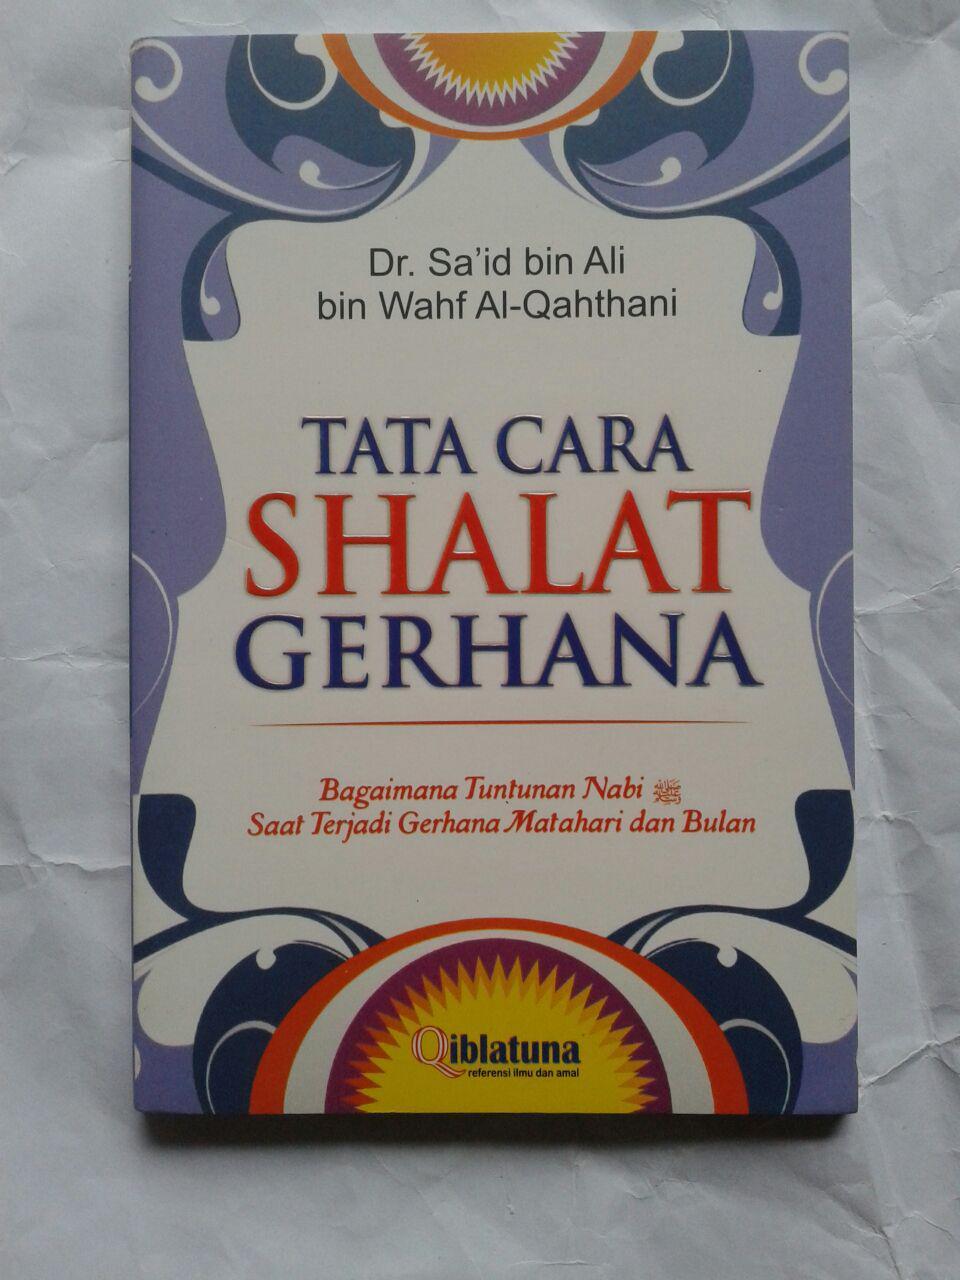 Buku Tata Cara Shalat Gerhana 18,500 15% 15,725 cover 2